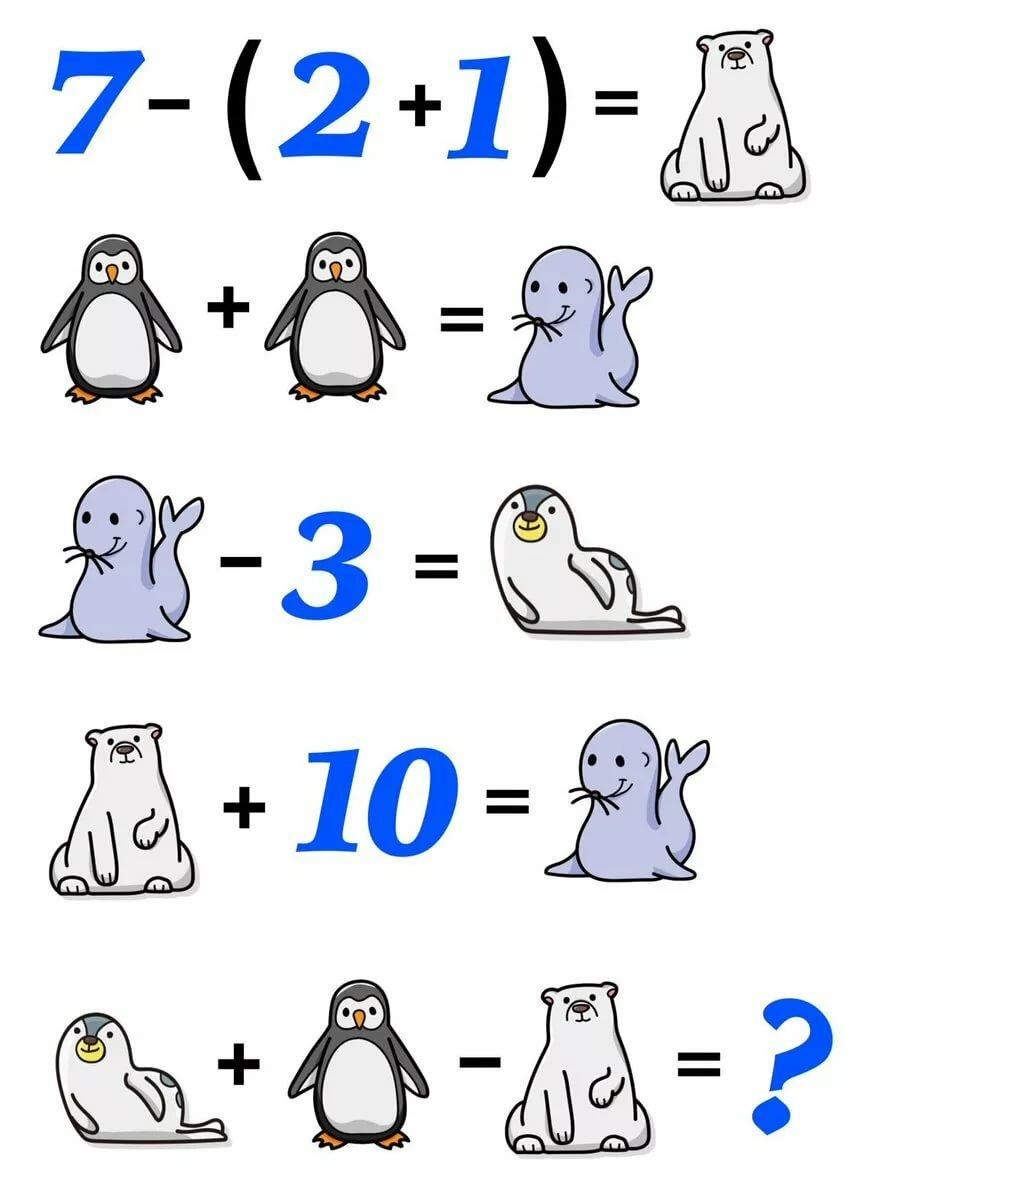 загадки на логику сложные в картинках же, увидев